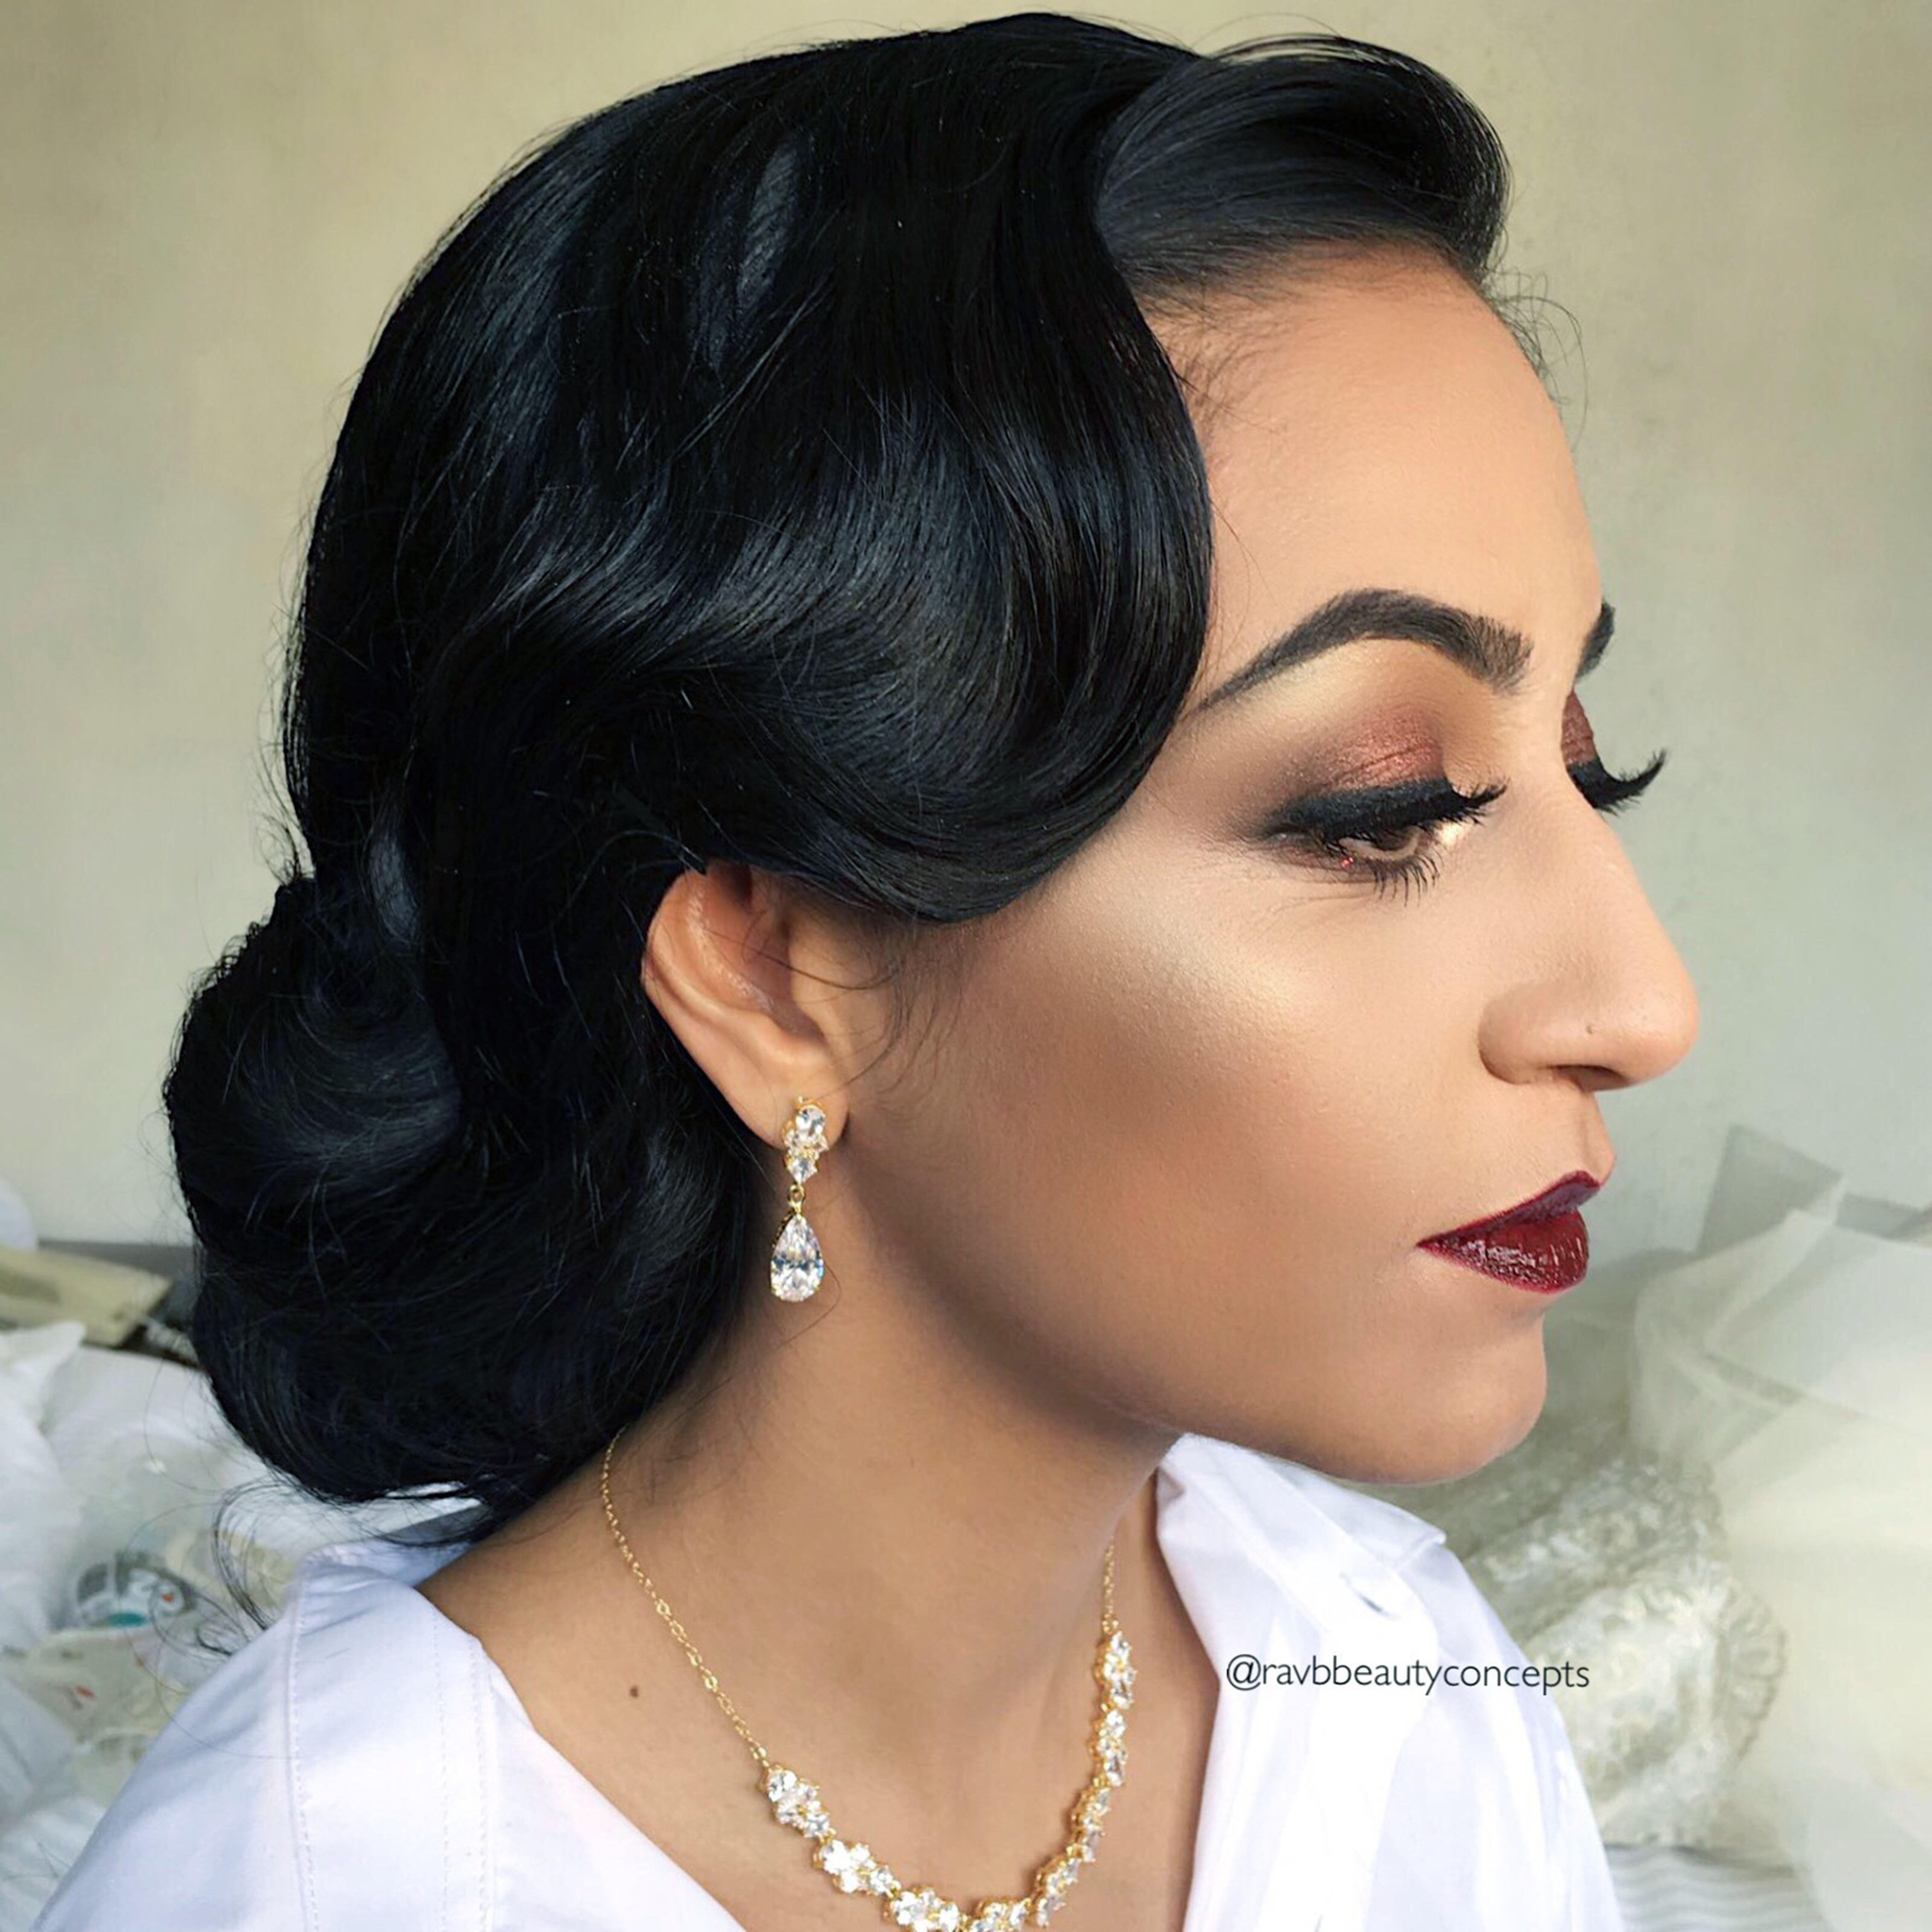 Indian Bridal Makeup Hair Bride Wedding Vintage Up Do Glam Old Hollywood